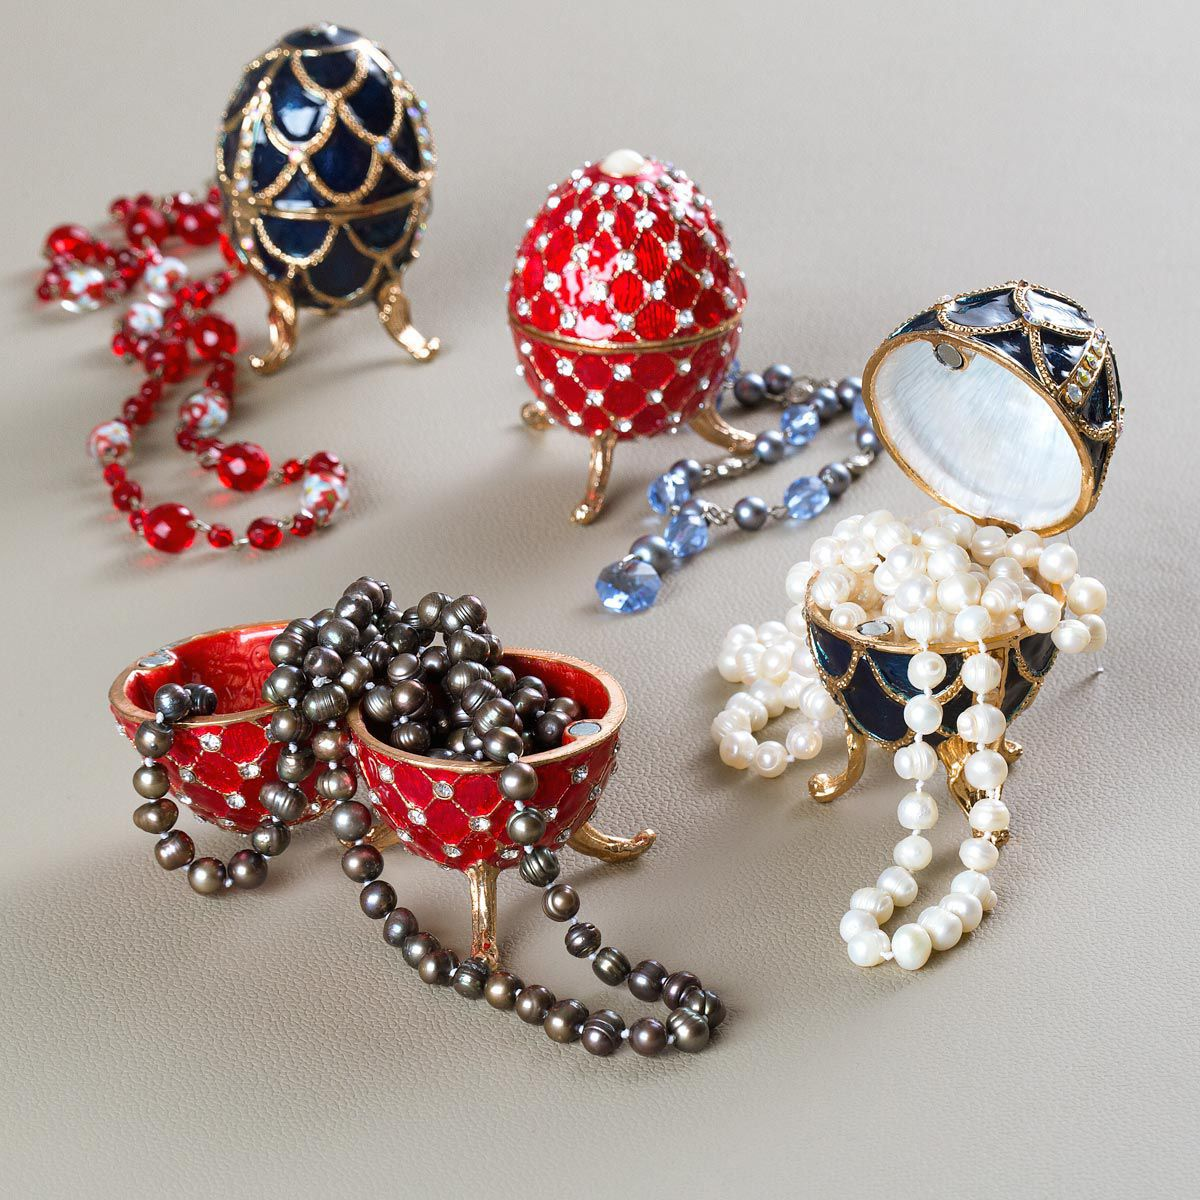 Porta-Joias 9 cm de zamac vermelho Ovo Fabergé Prestige - 27106